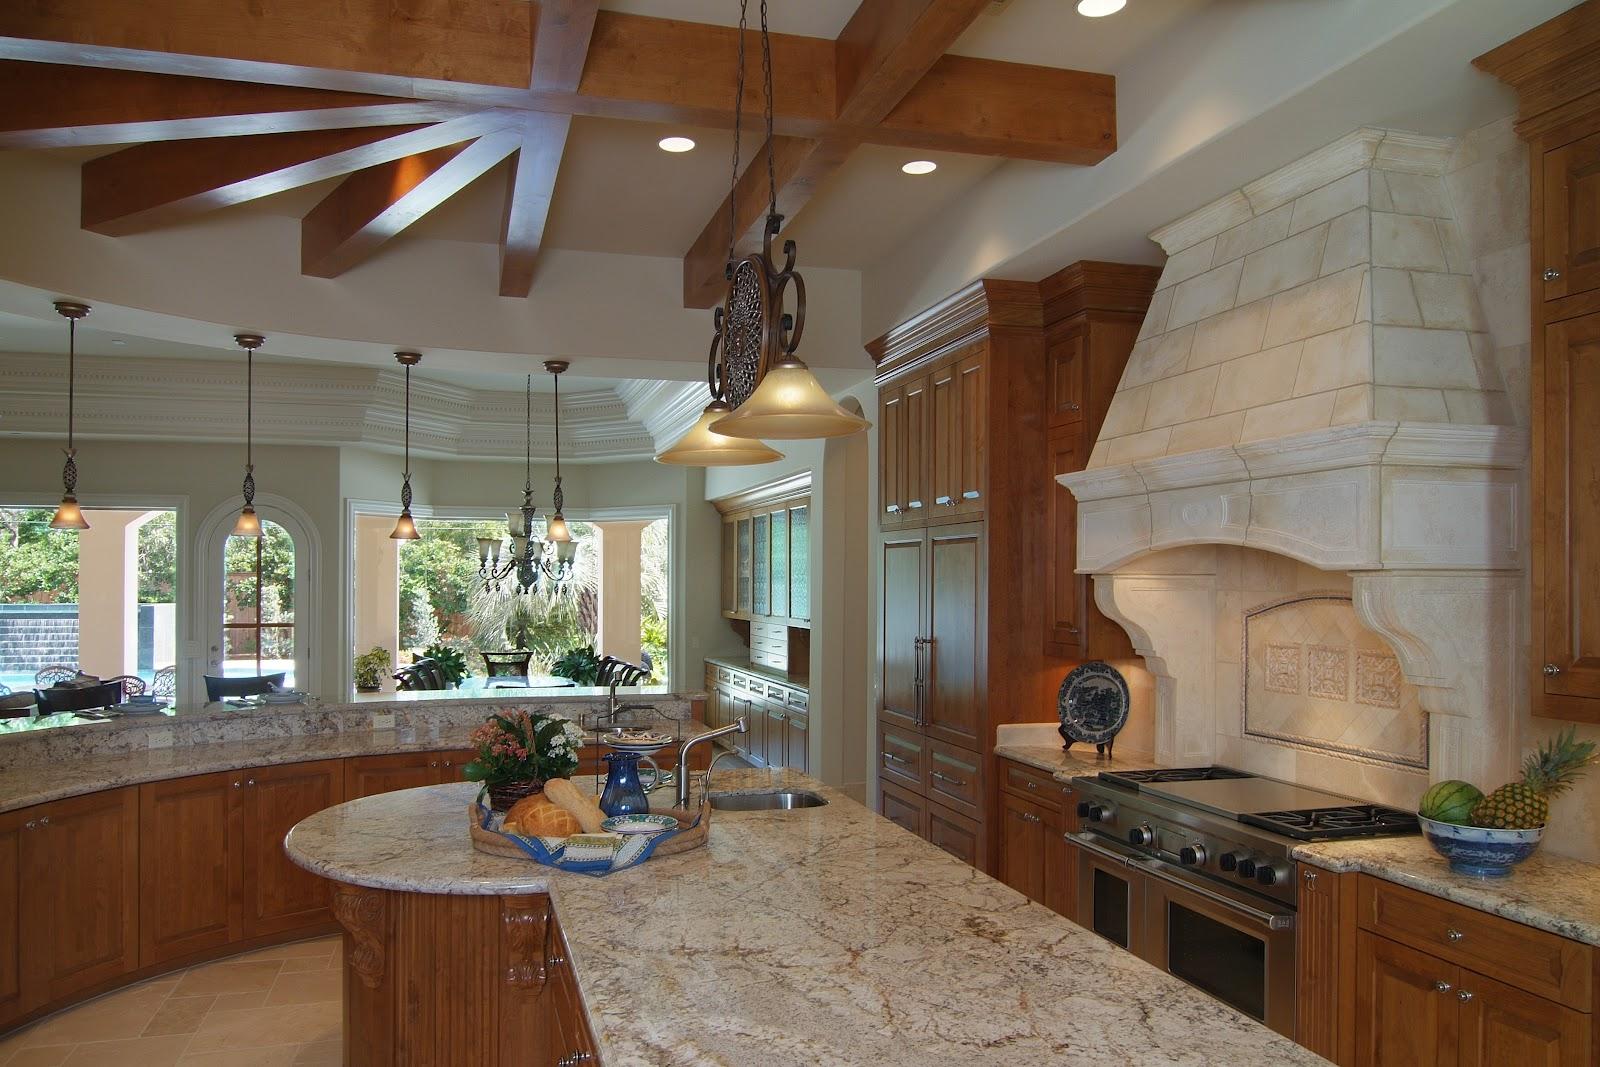 Отделка кухни в частном доме: подходящий дизайн и материалы 58